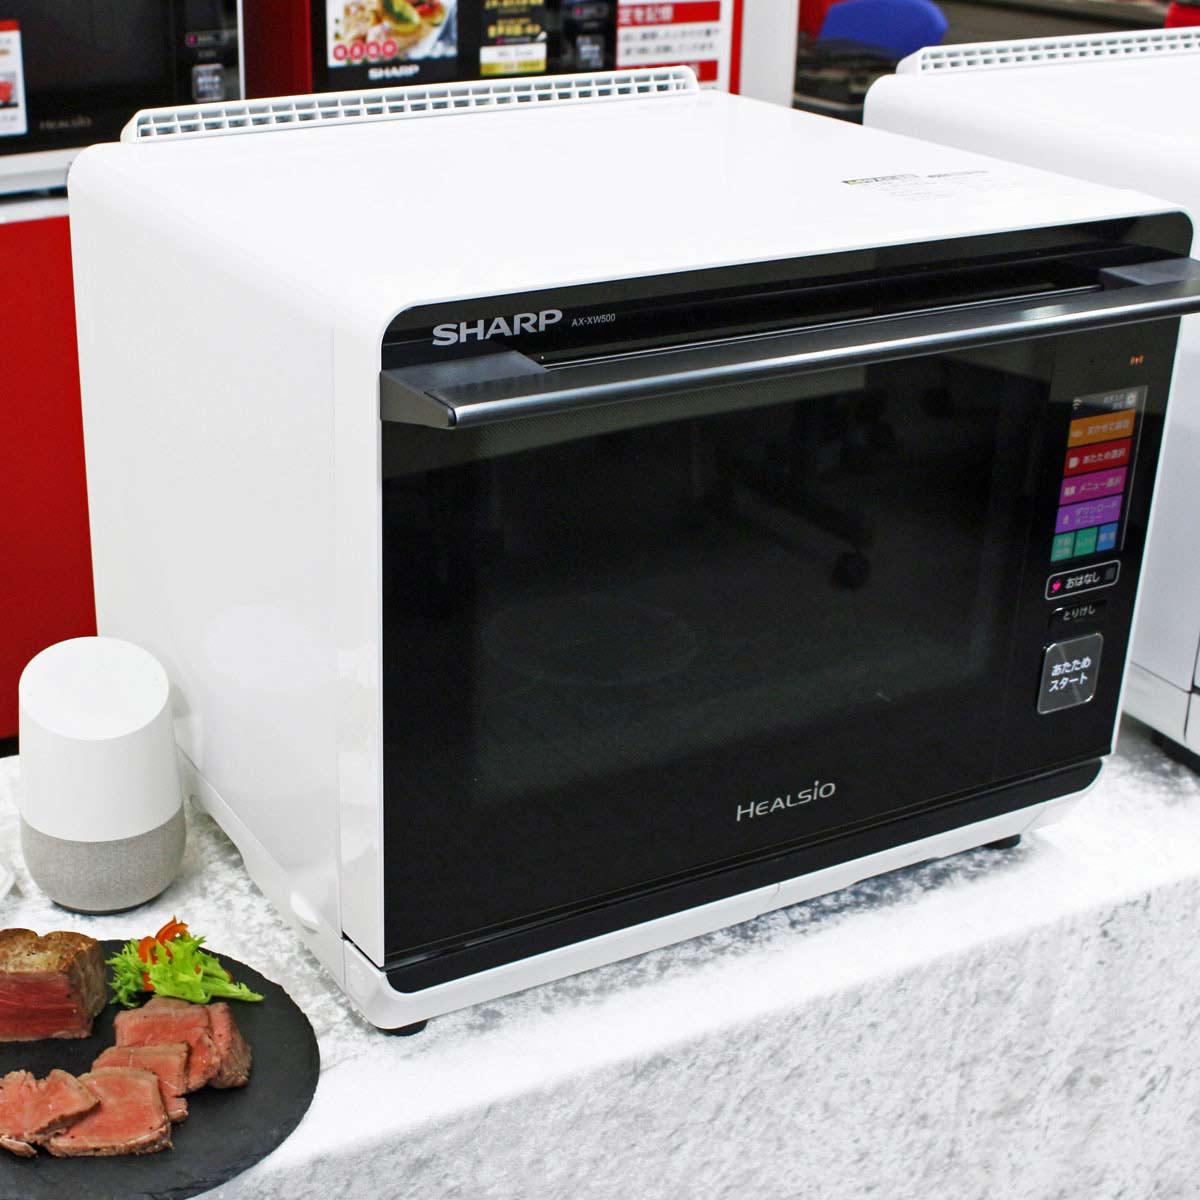 毎日使える便利さ! 「まかせて調理」をしながら惣菜のあたためもできる新型「ヘルシオ」